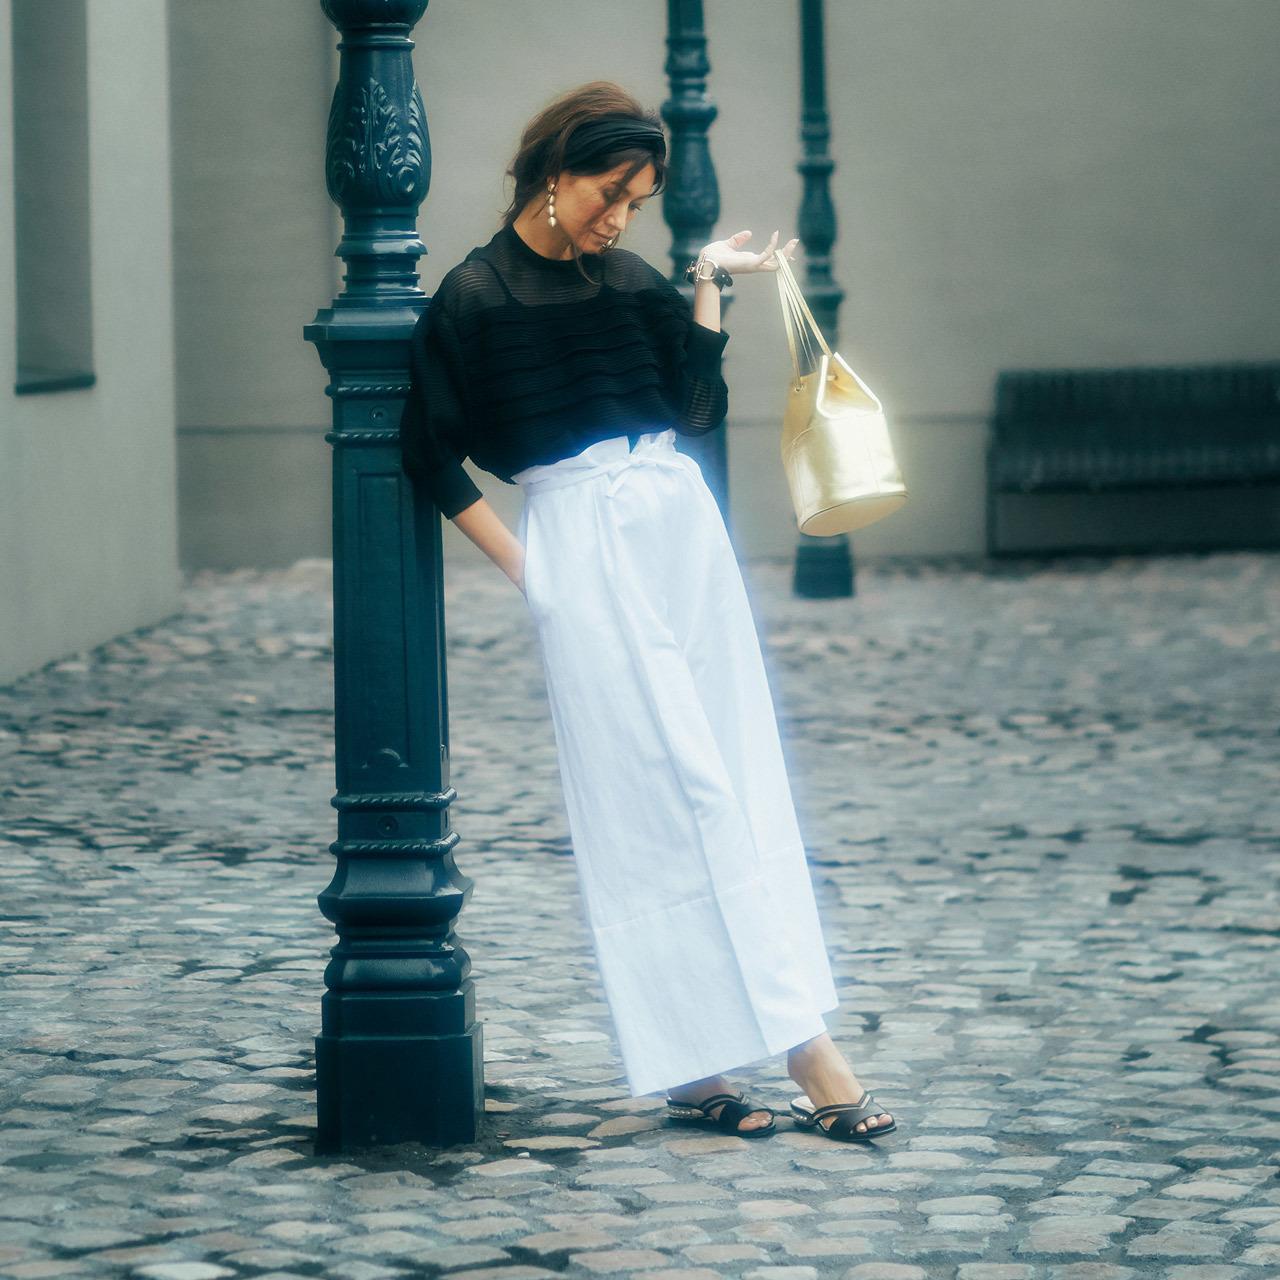 <スタイルの基本となるネオ・トリコロールは黒、白、ゴールド>